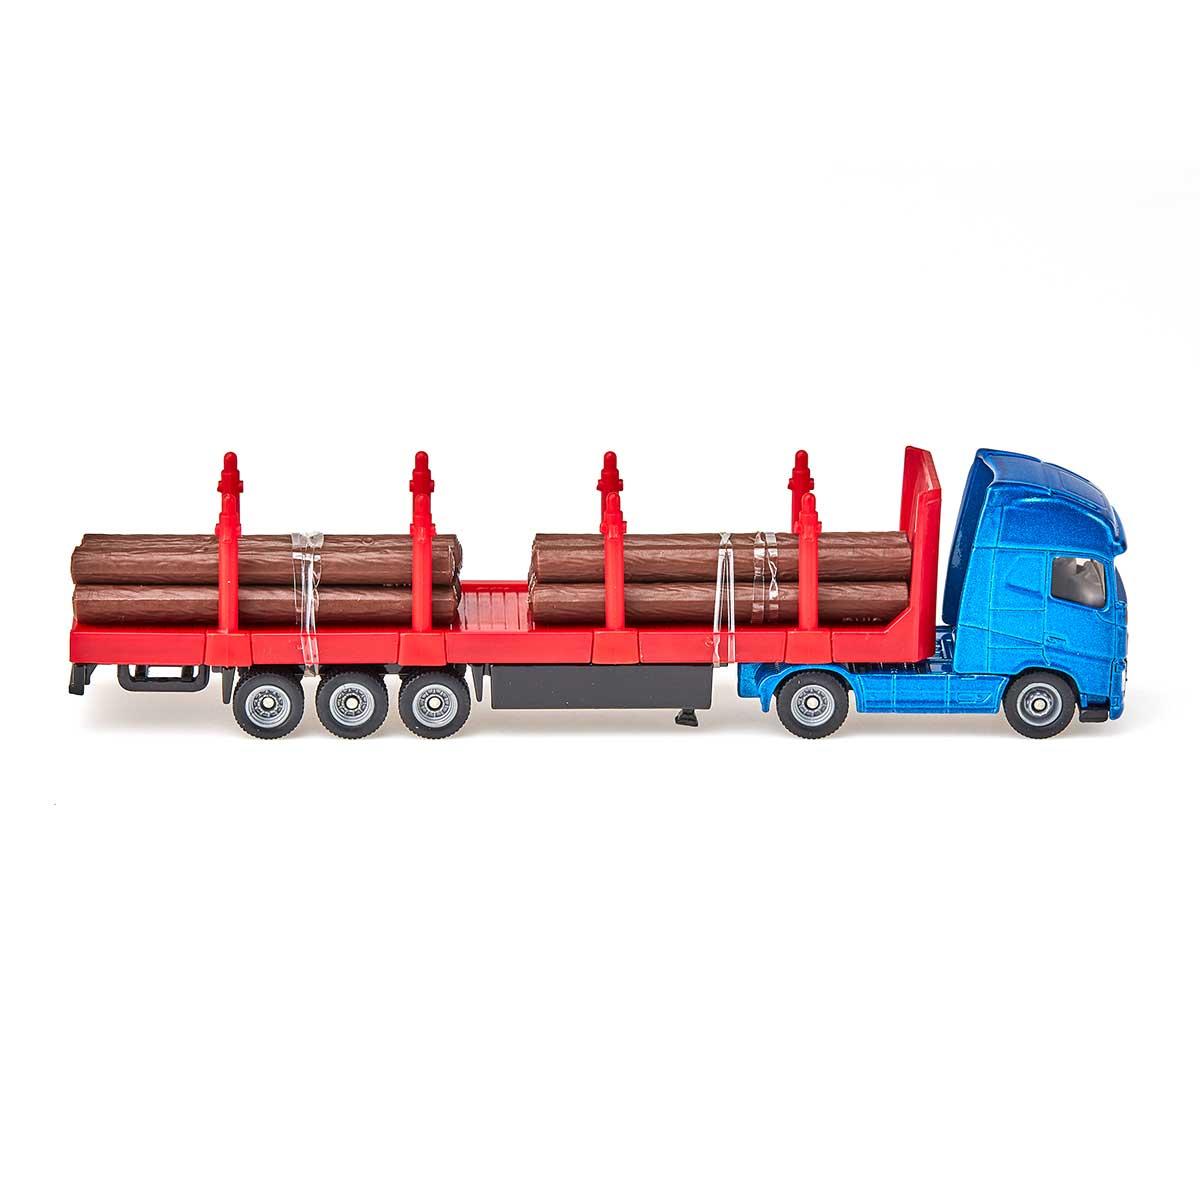 木材運搬用トラック (ジク・SIKU)